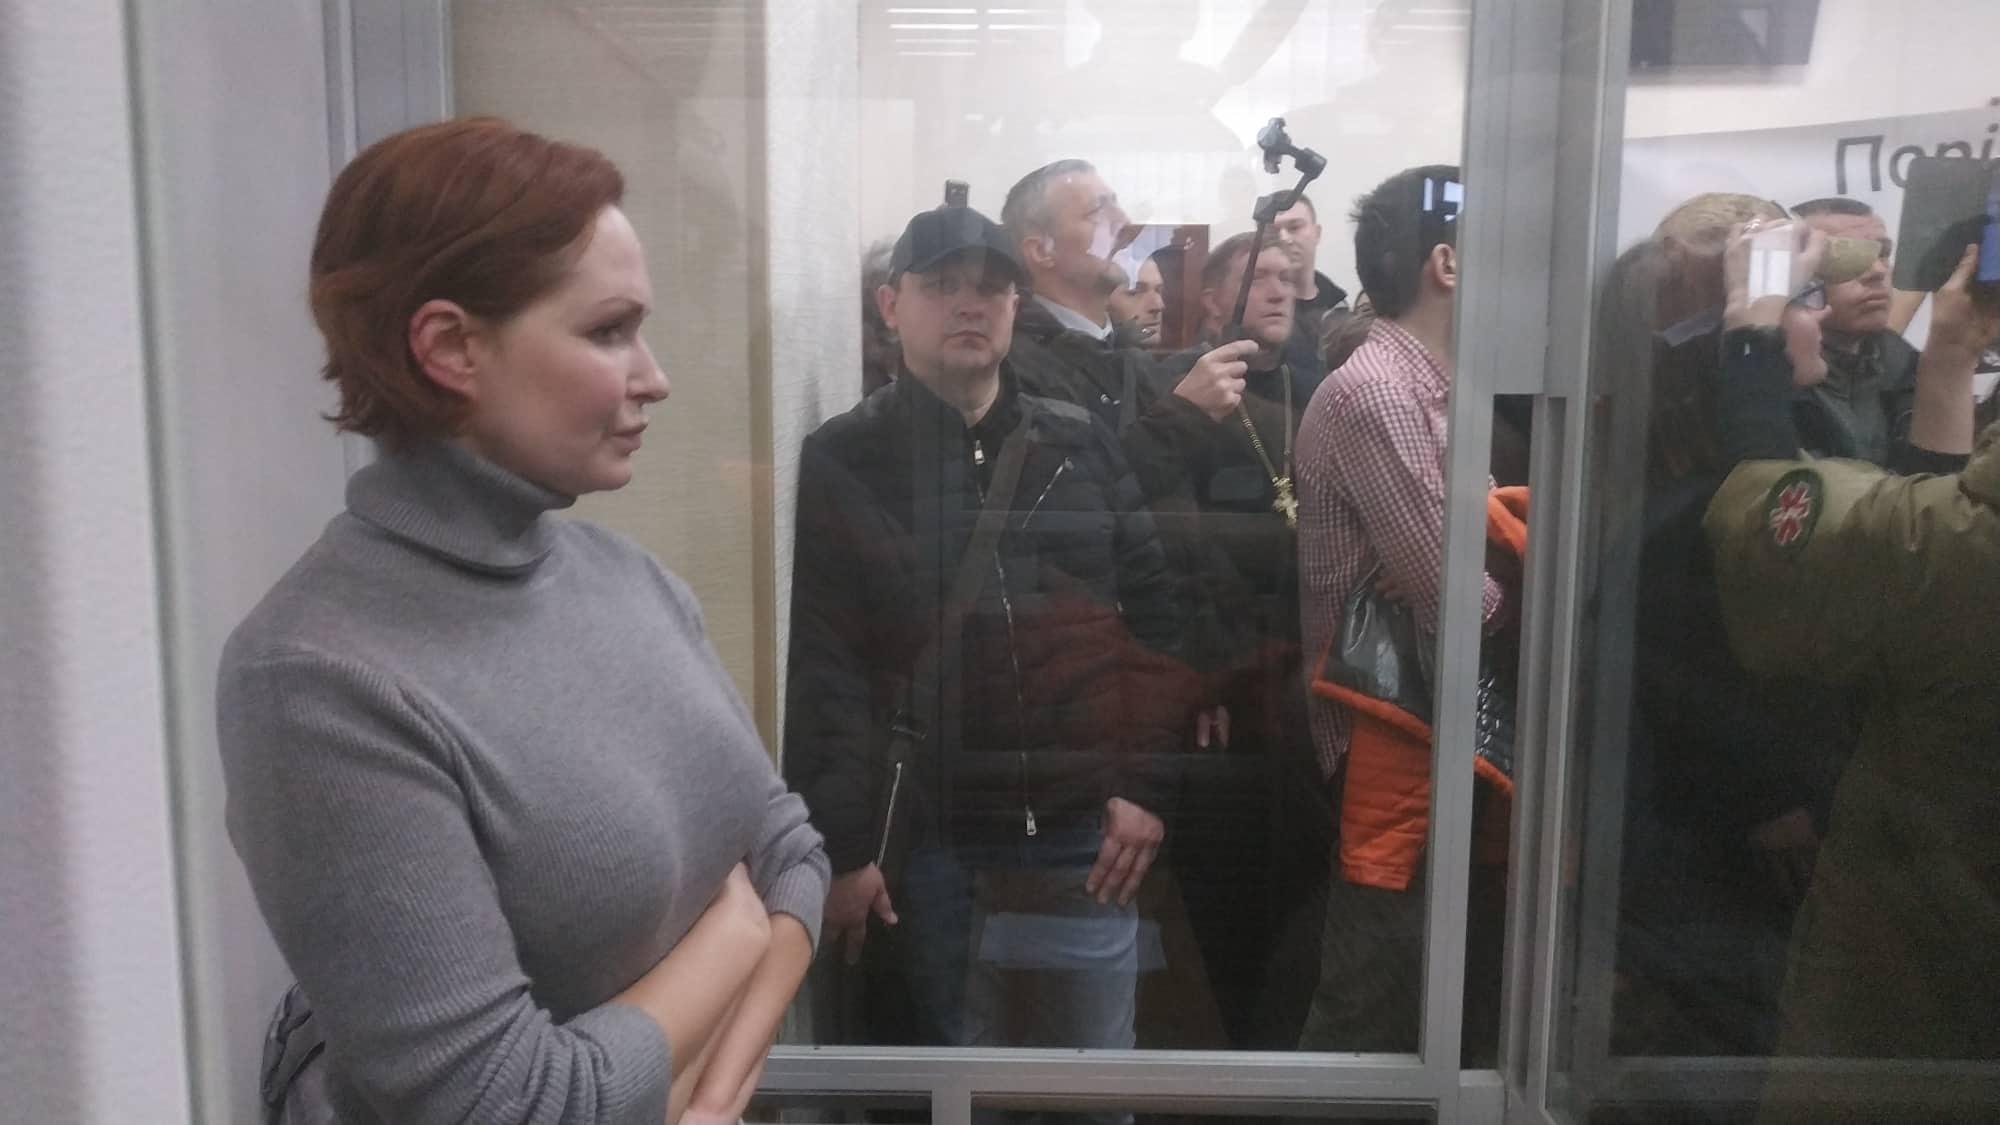 https://img.pravda.com/images/doc/f/0/f0e0a76-kuzmenko-original.jpg